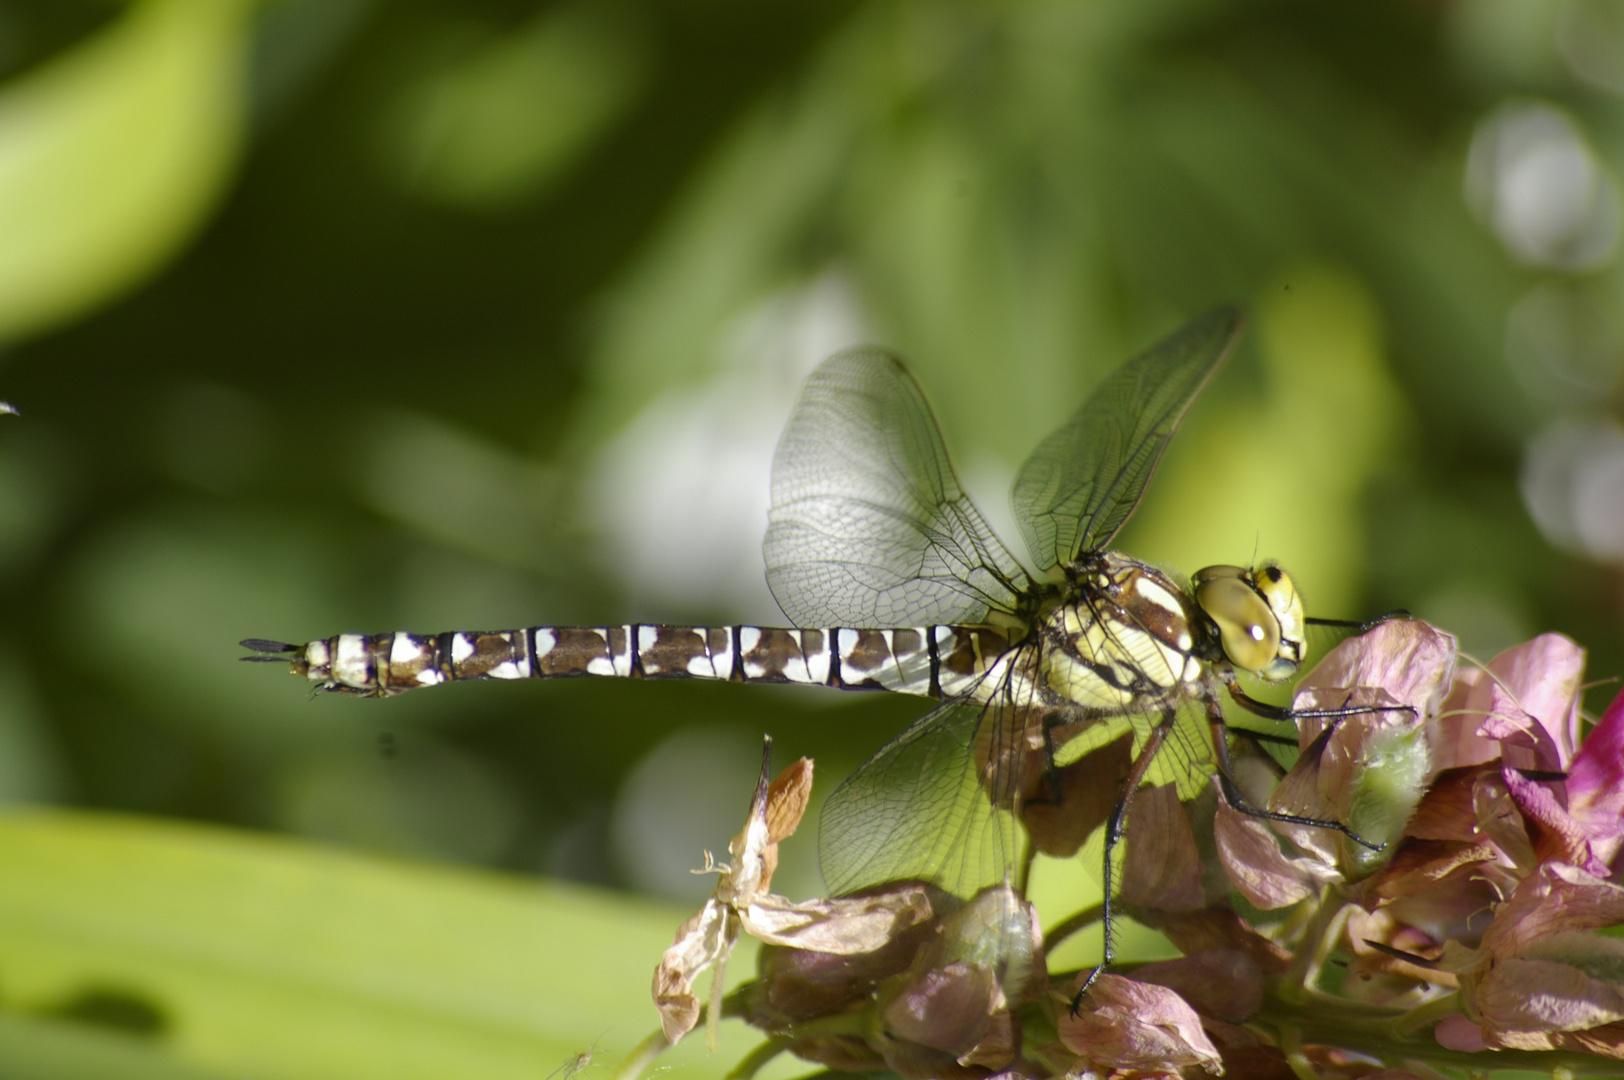 Wasserjungfer, Libelle